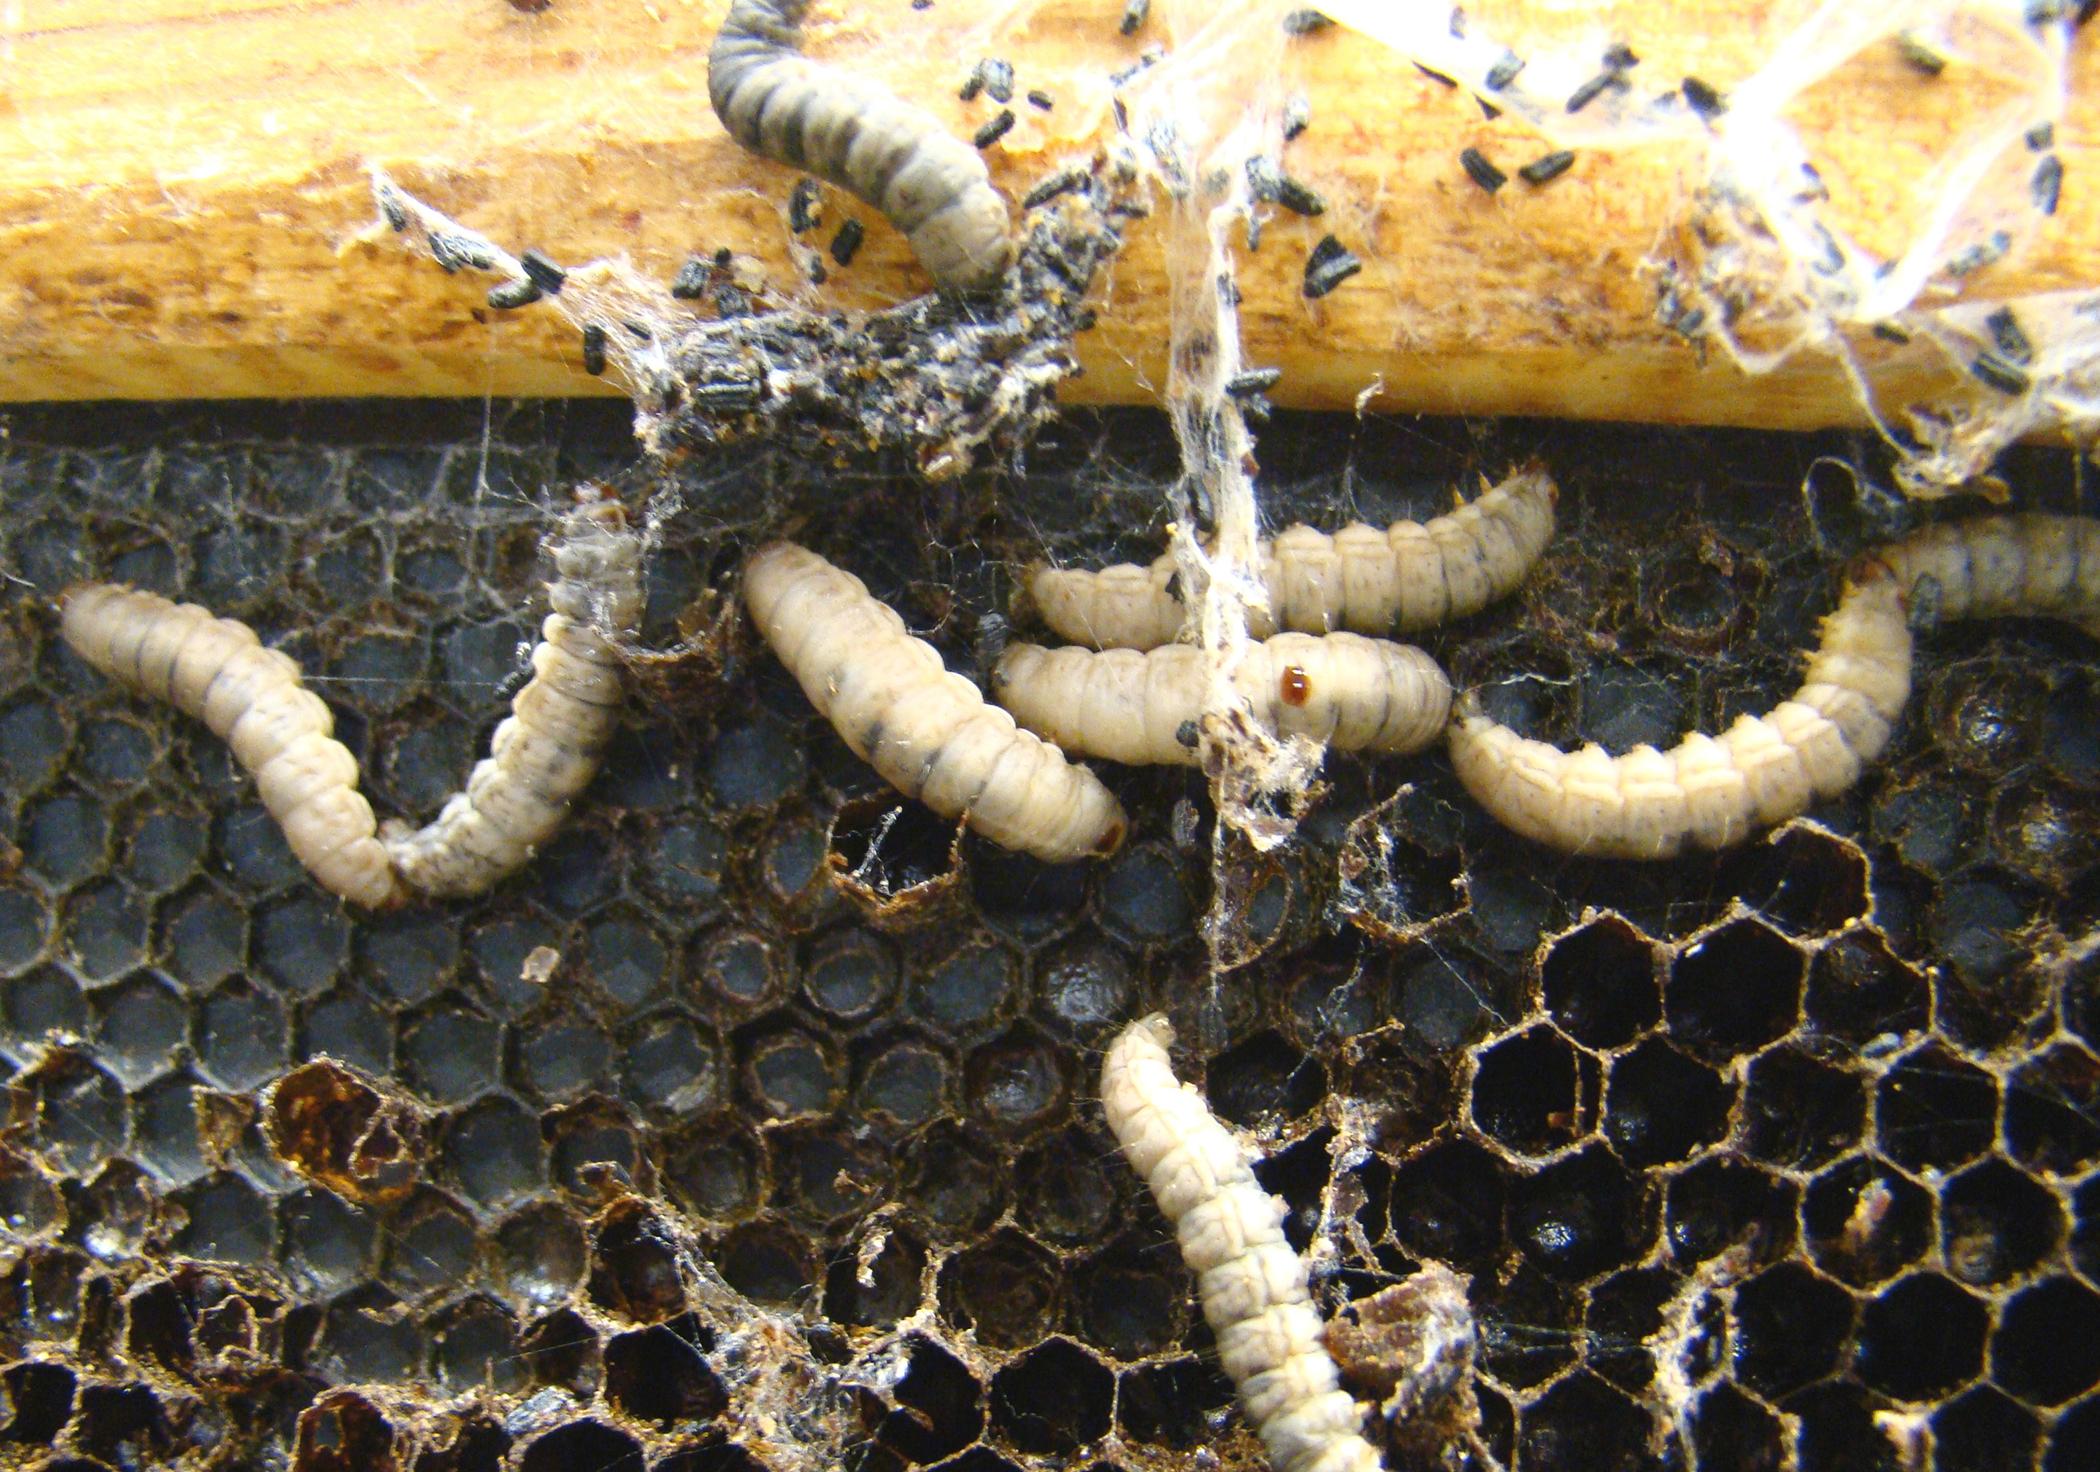 Figure 8. Wax moth larvae